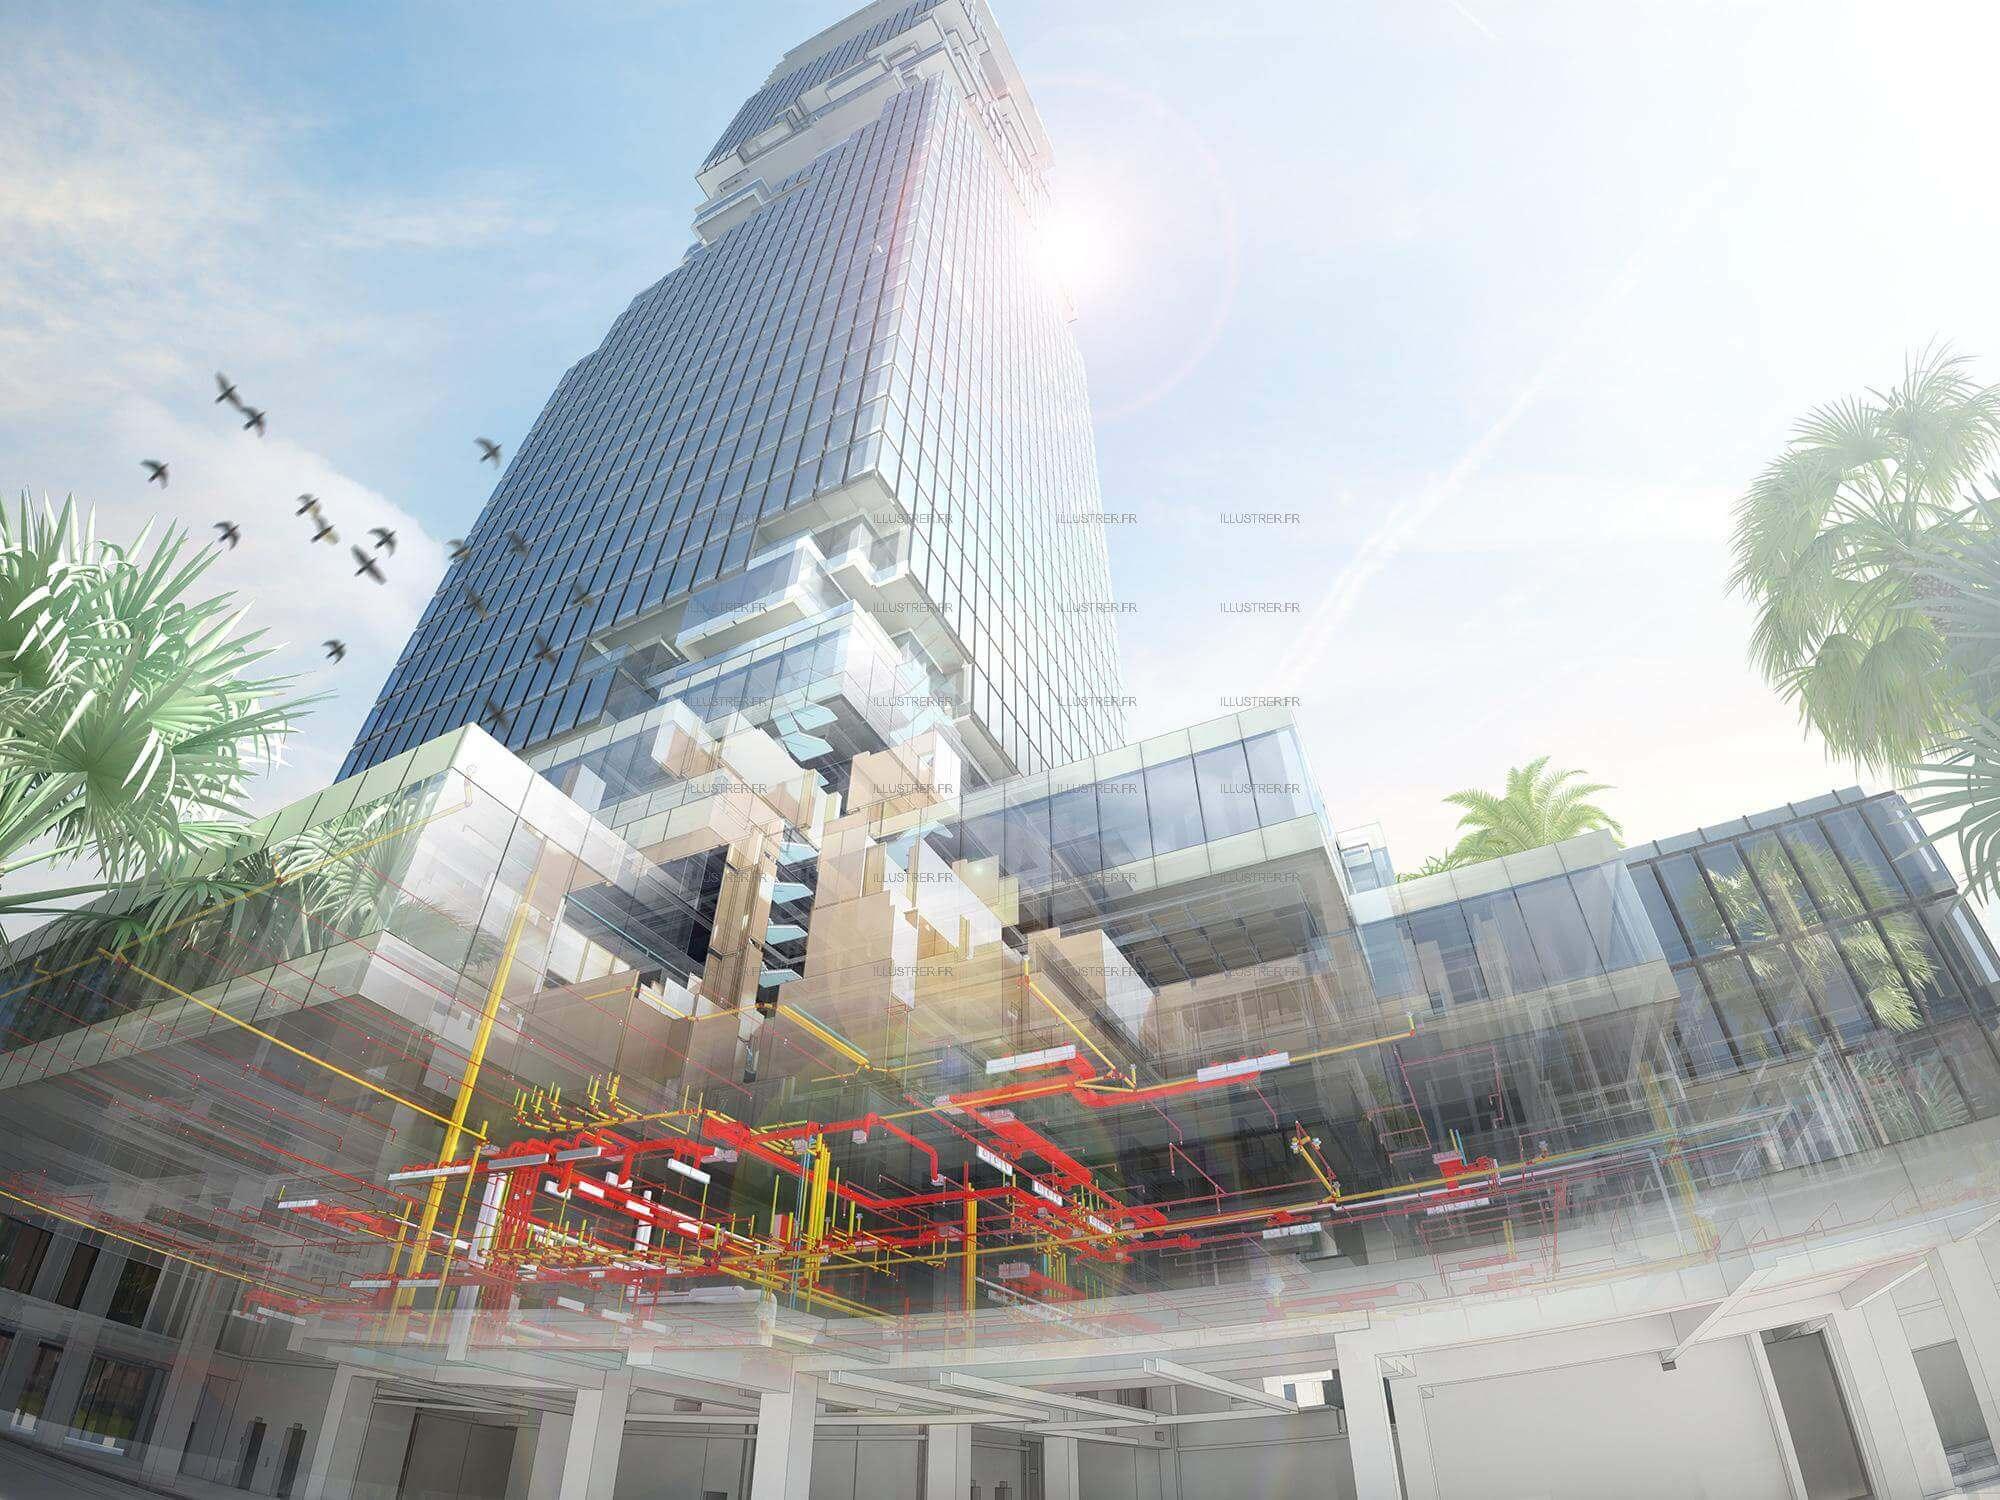 Que peut-on attendre de la maquette numérique du bâtiment BIM ?